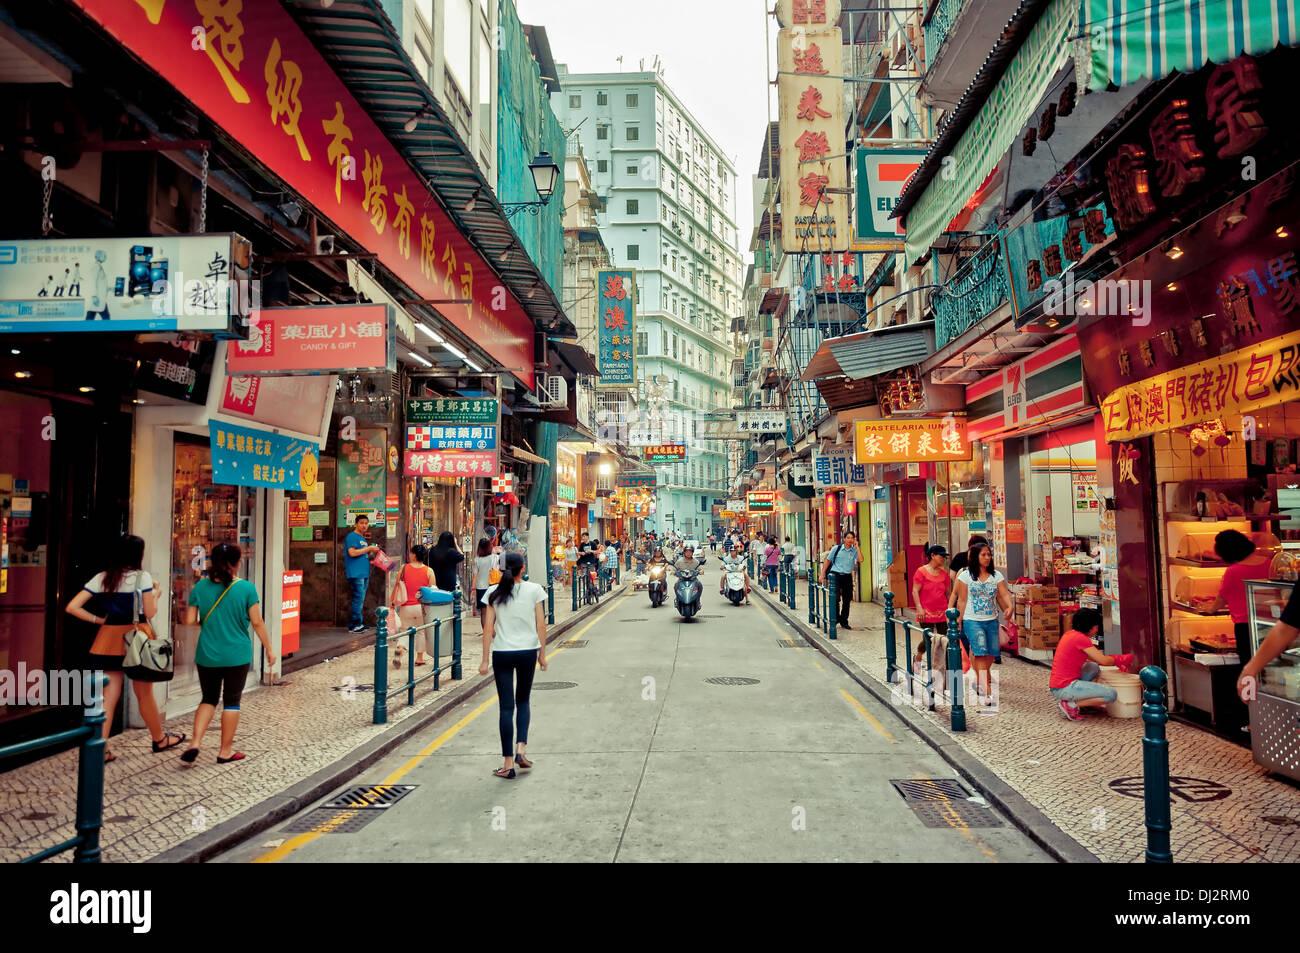 Vue sur rue du centre-ville de Macao, Chine Banque D'Images